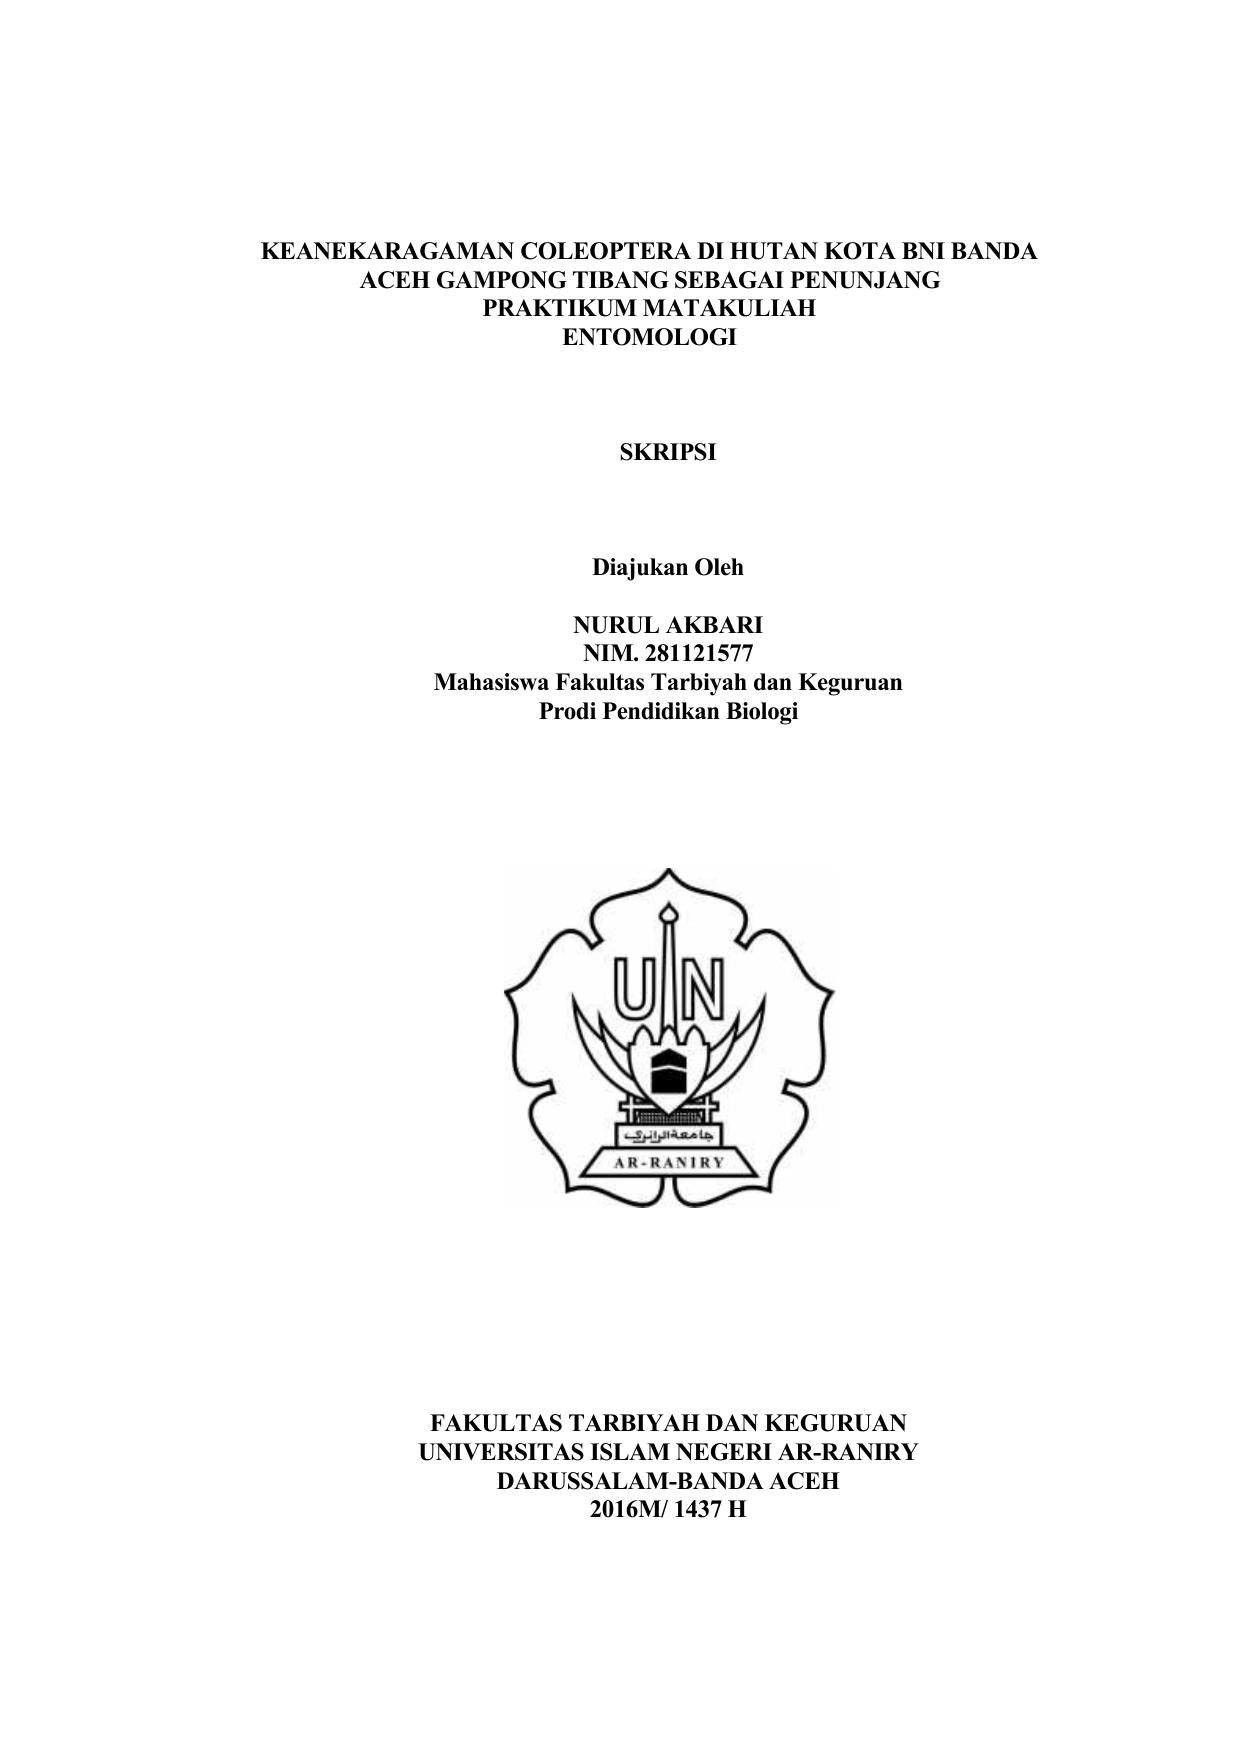 Keanekaragaman Coleoptera Di Hutan Kota Bni Banda Aceh